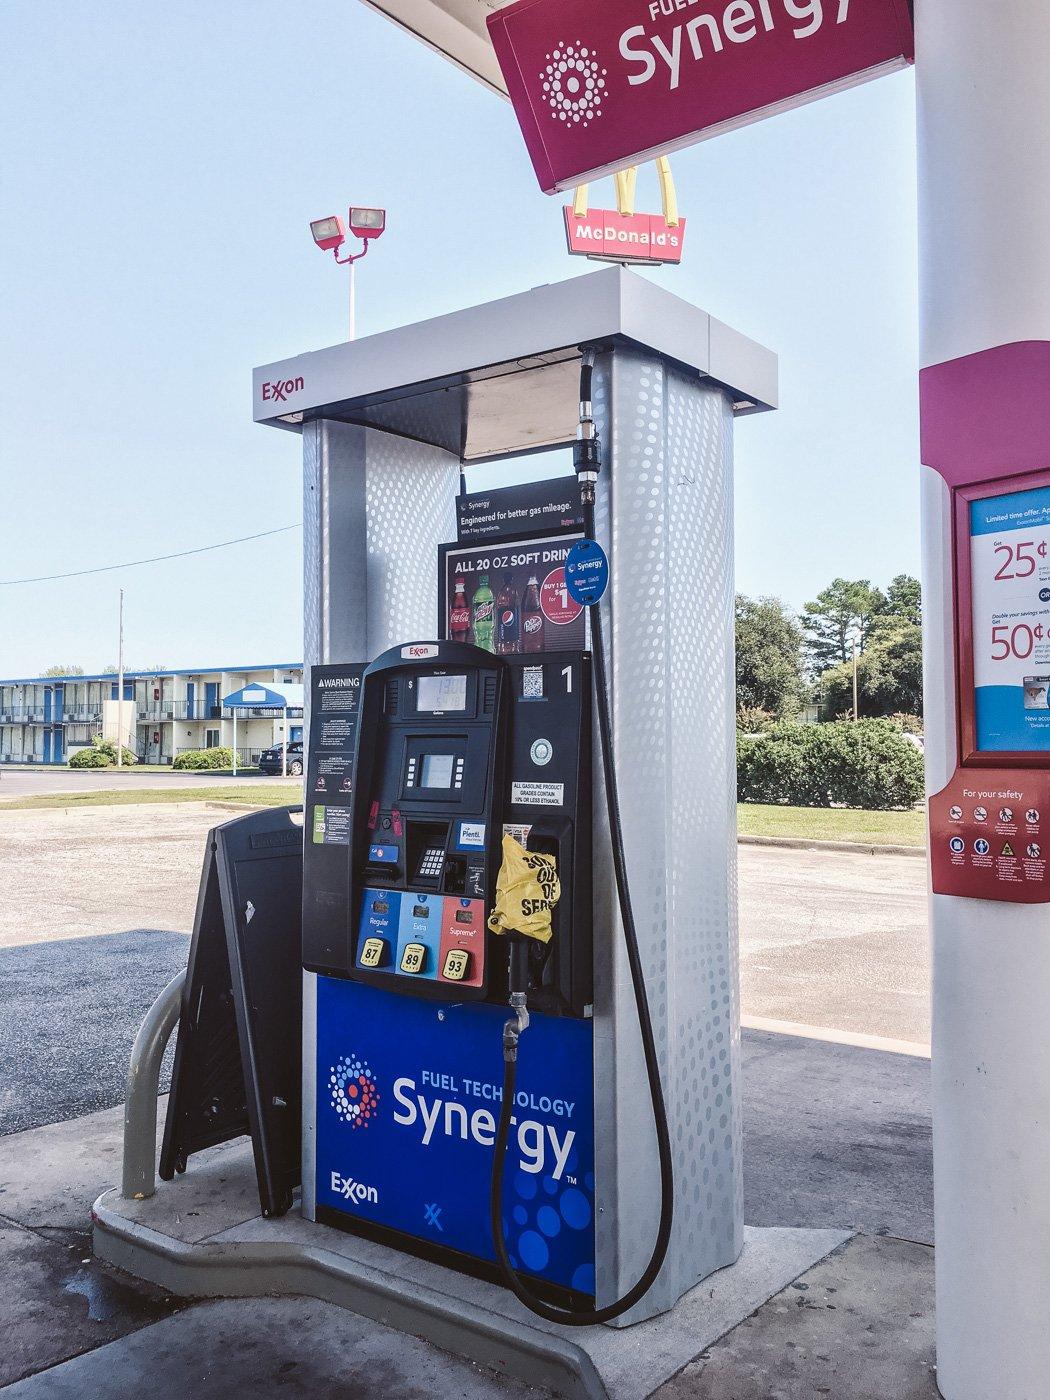 Benzin ist ausverkauft während Hurricane Irma